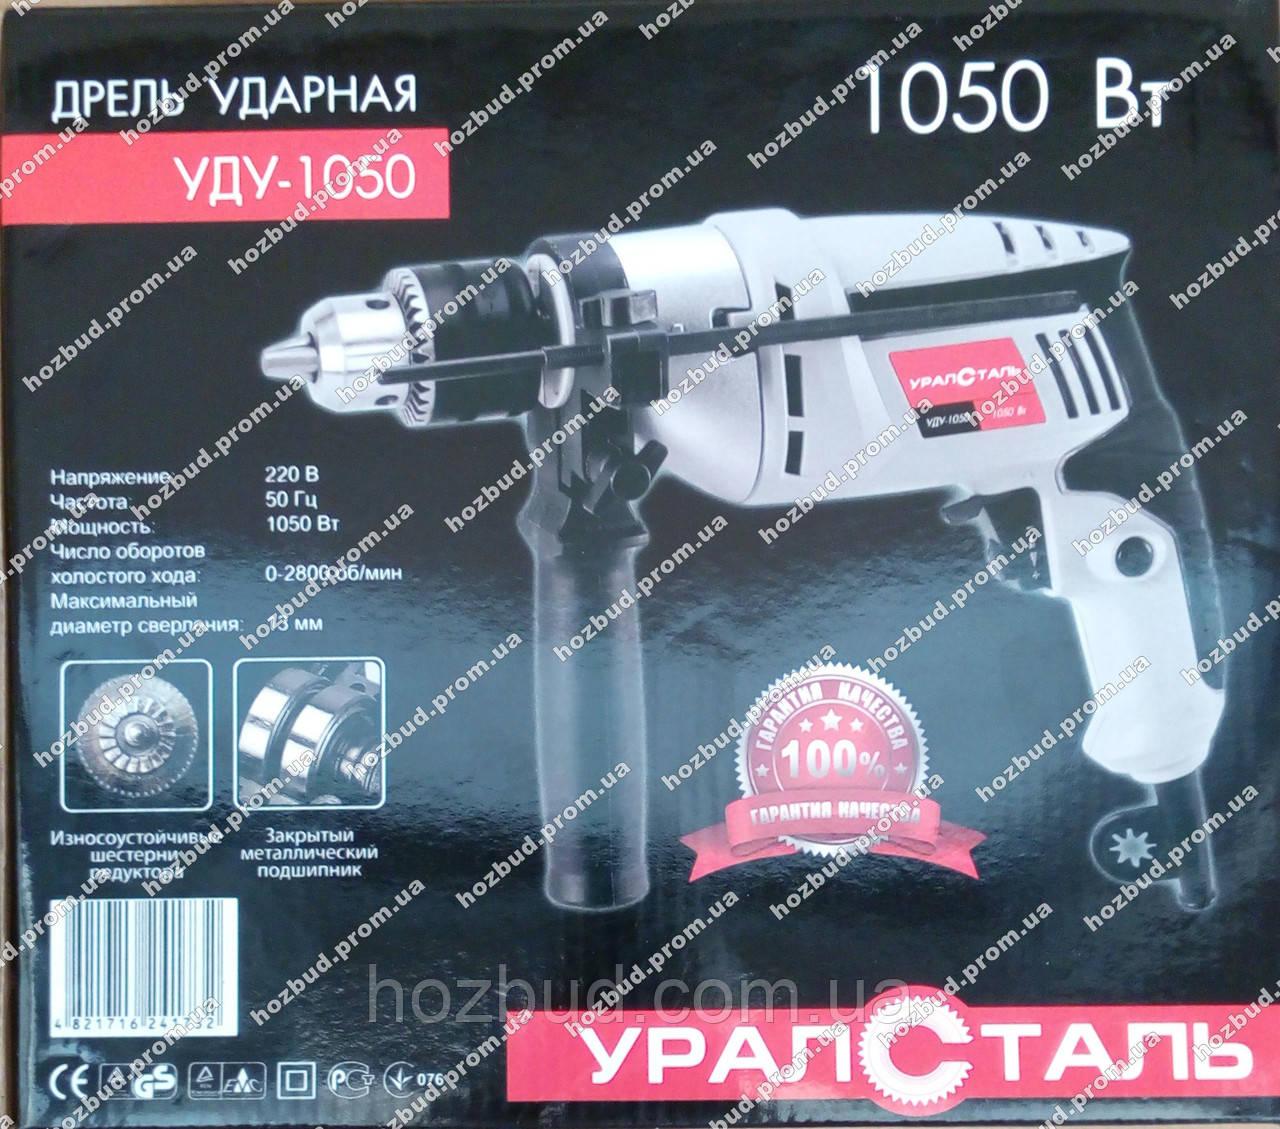 Дрель Уралсталь УДУ-1050